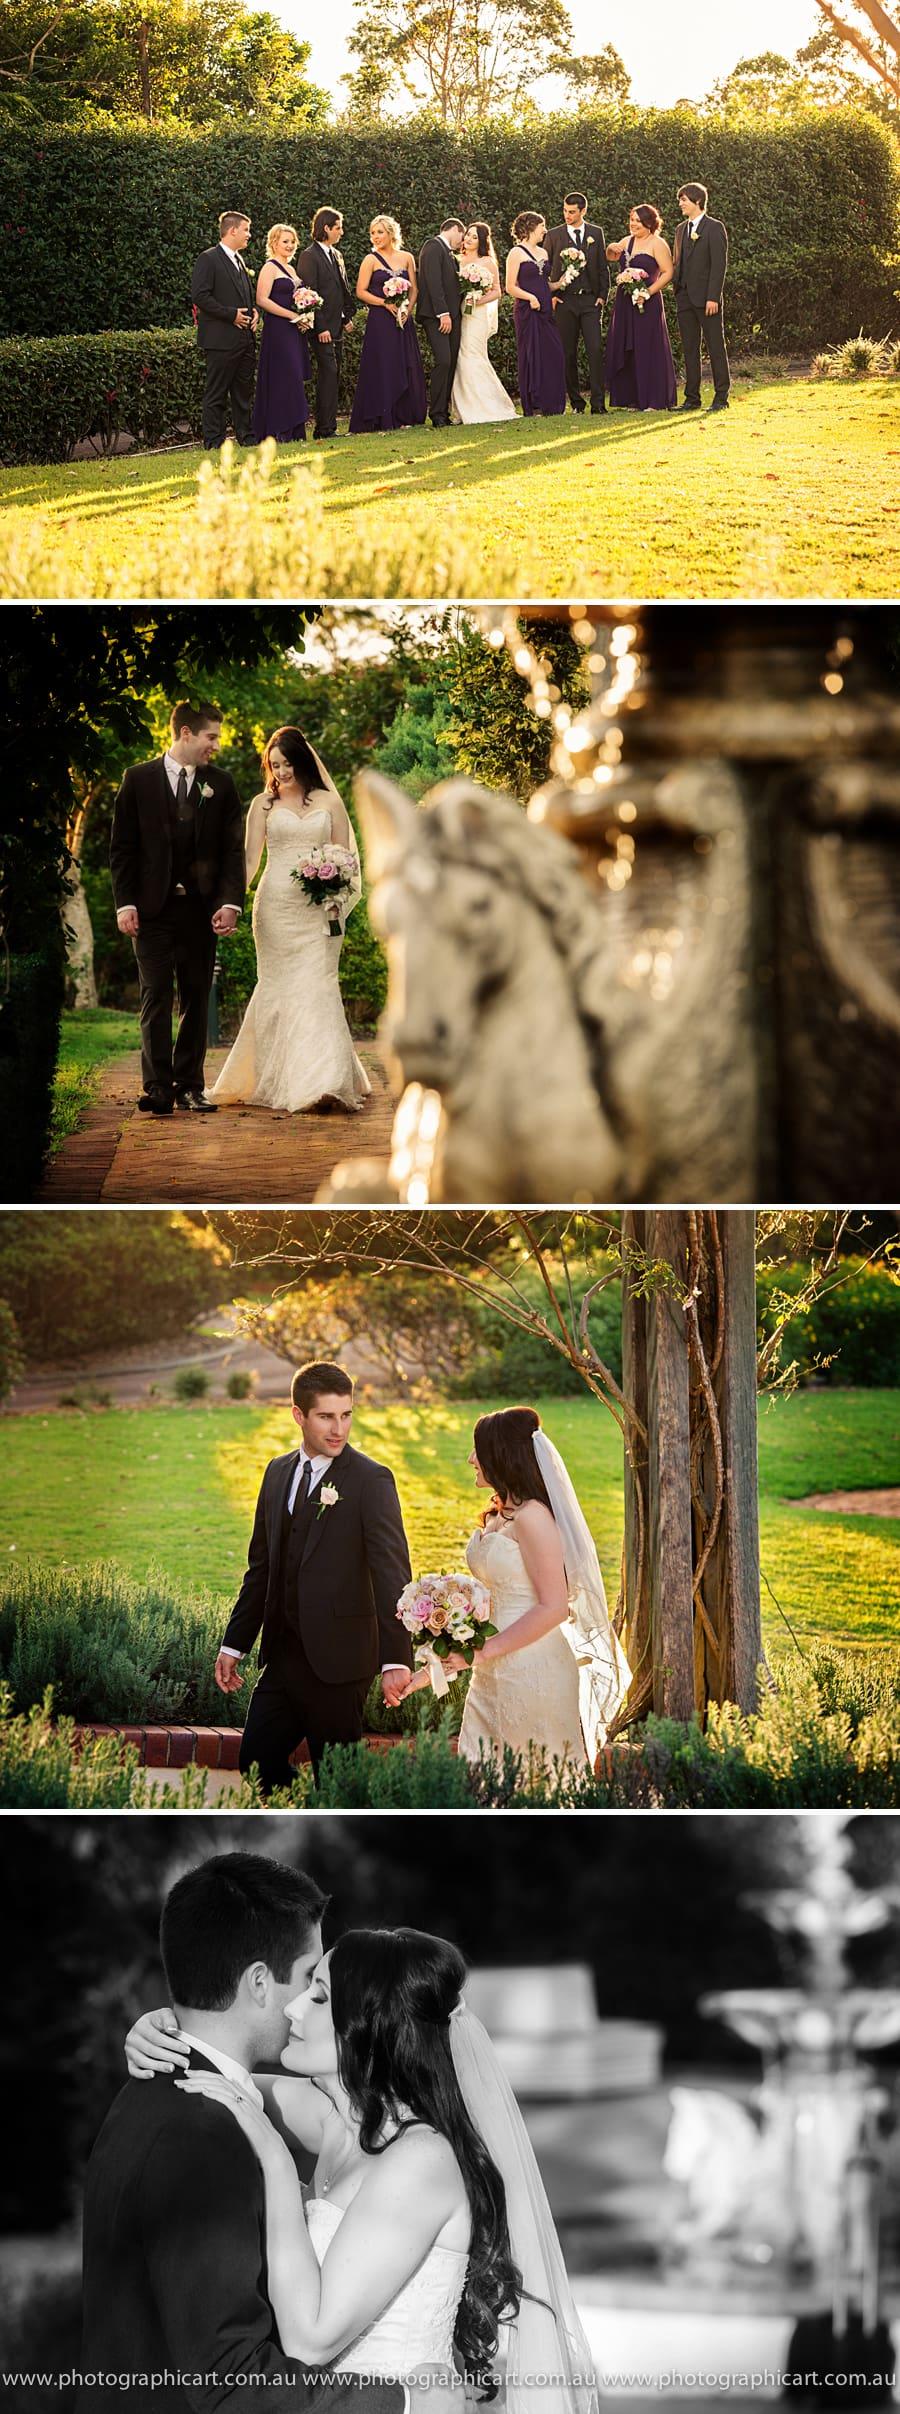 www.photographicart.com.au/newsite-0115